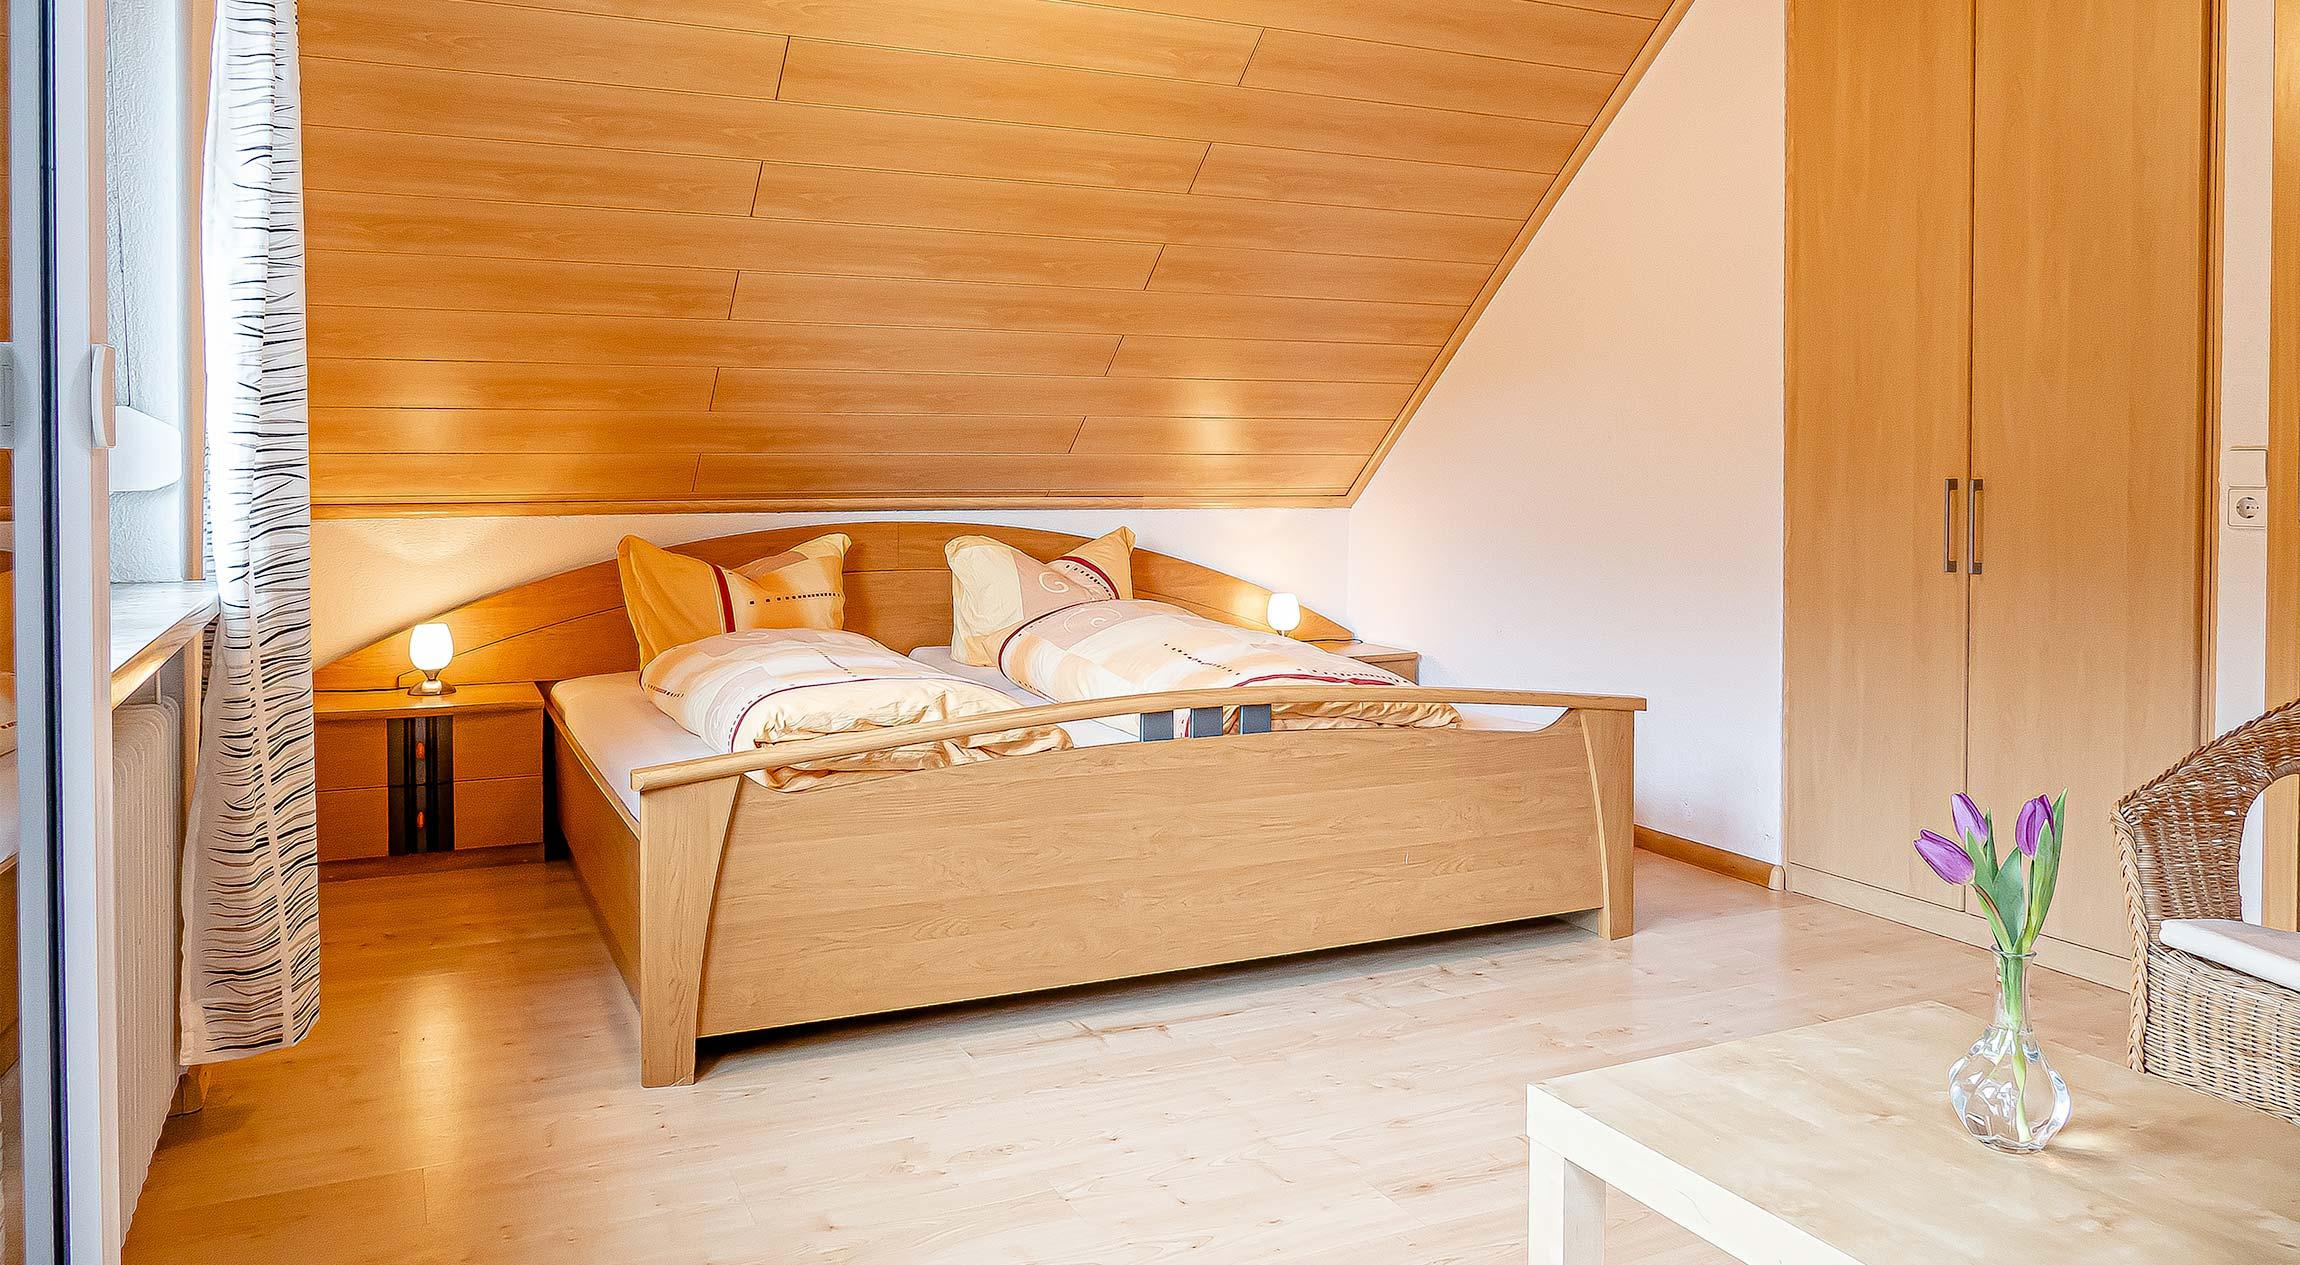 Wohnungstyp I - Schlafzimmer